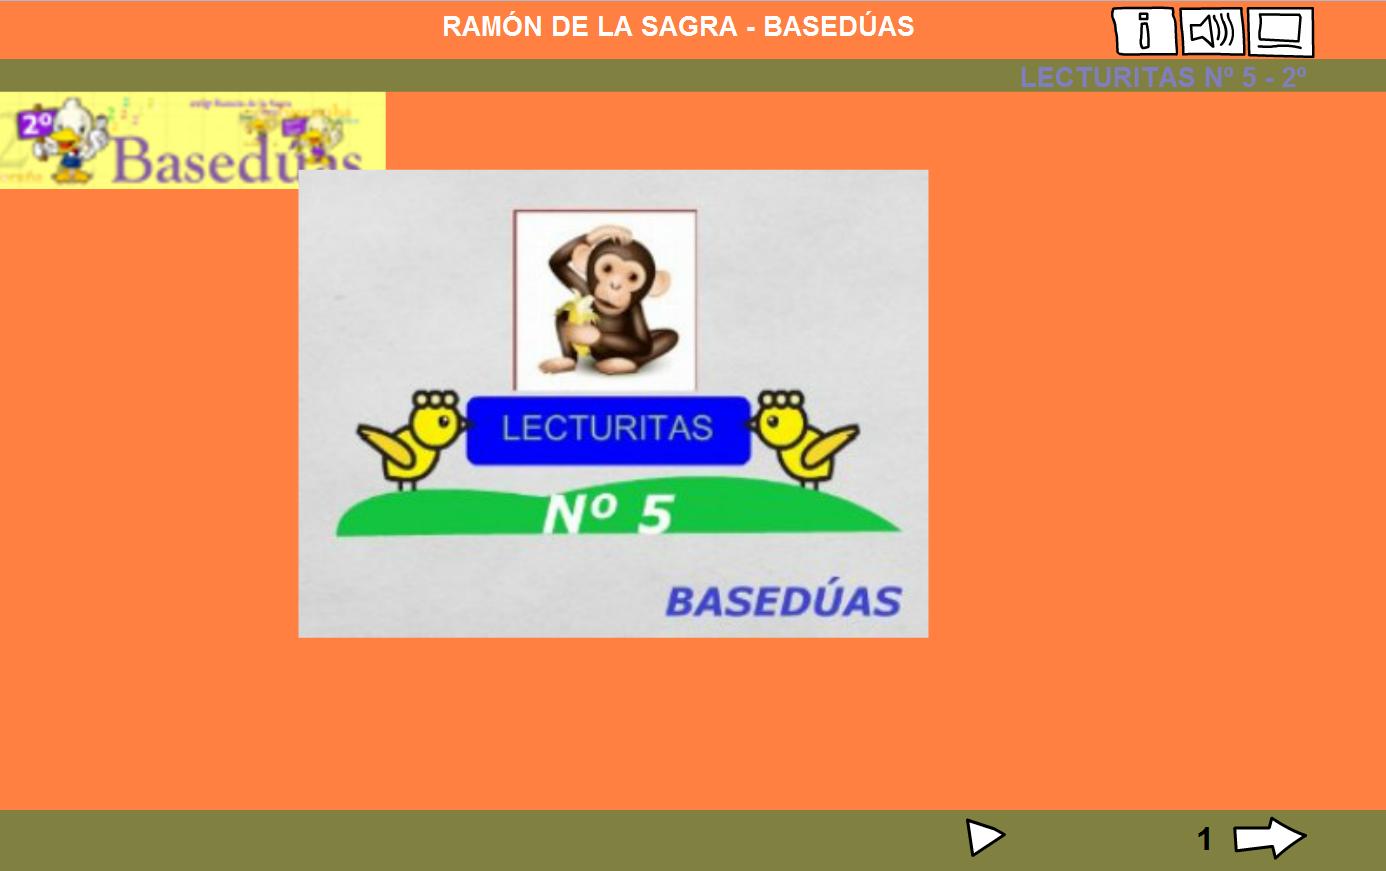 http://www.edu.xunta.es/centros/ceipchanopinheiro/aulavirtual/file.php/3/rsagra/2o_LENGUA/LEO5_-_2o/lecturitas5.html